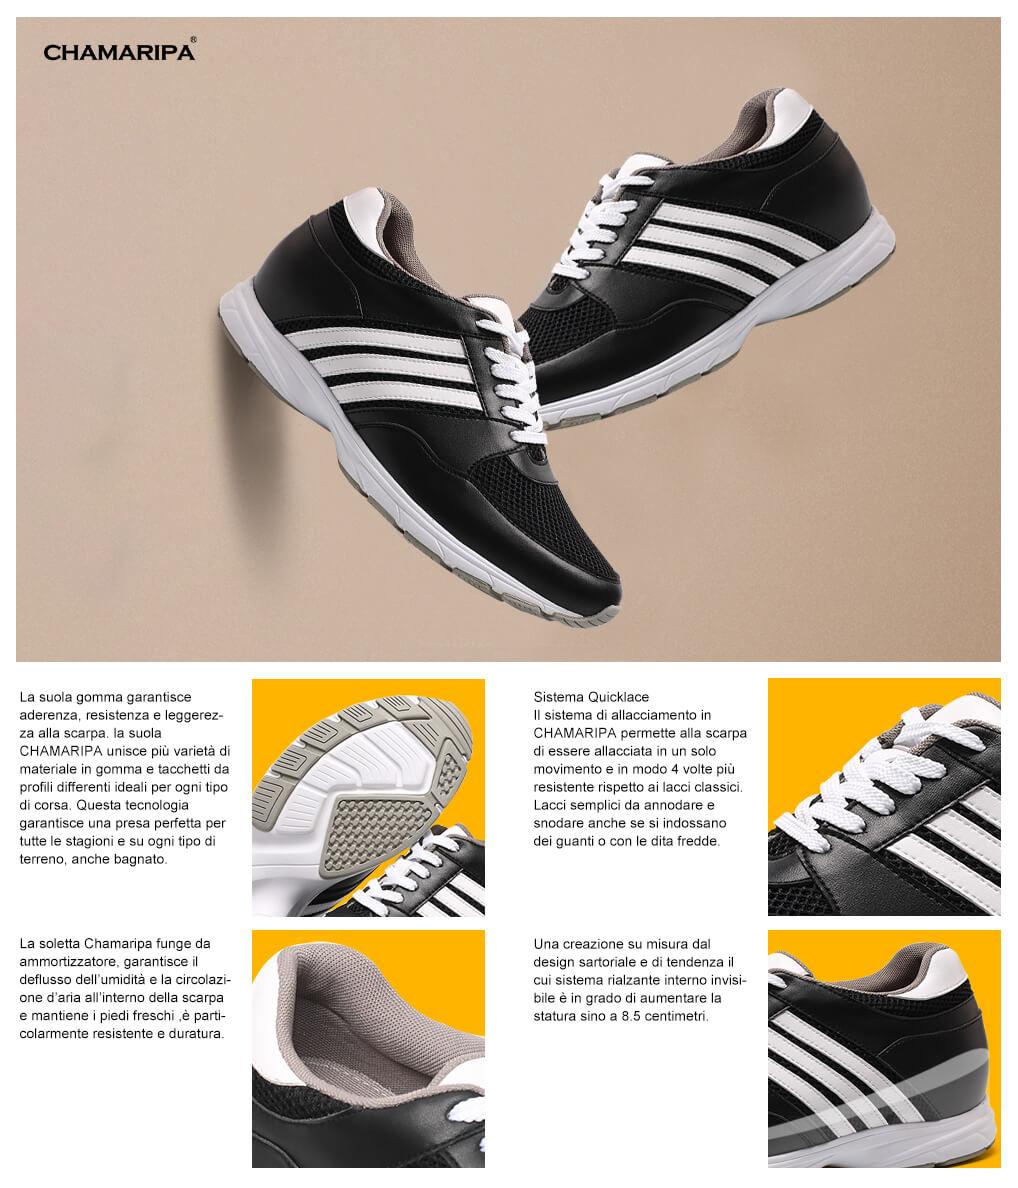 10fe527d93a8 Progettiamo le nostre scarpe rialzate per aiutarti a ottenere le migliori  prestazioni. Quindi, se pensi che per te non funzionino come dovrebbero.